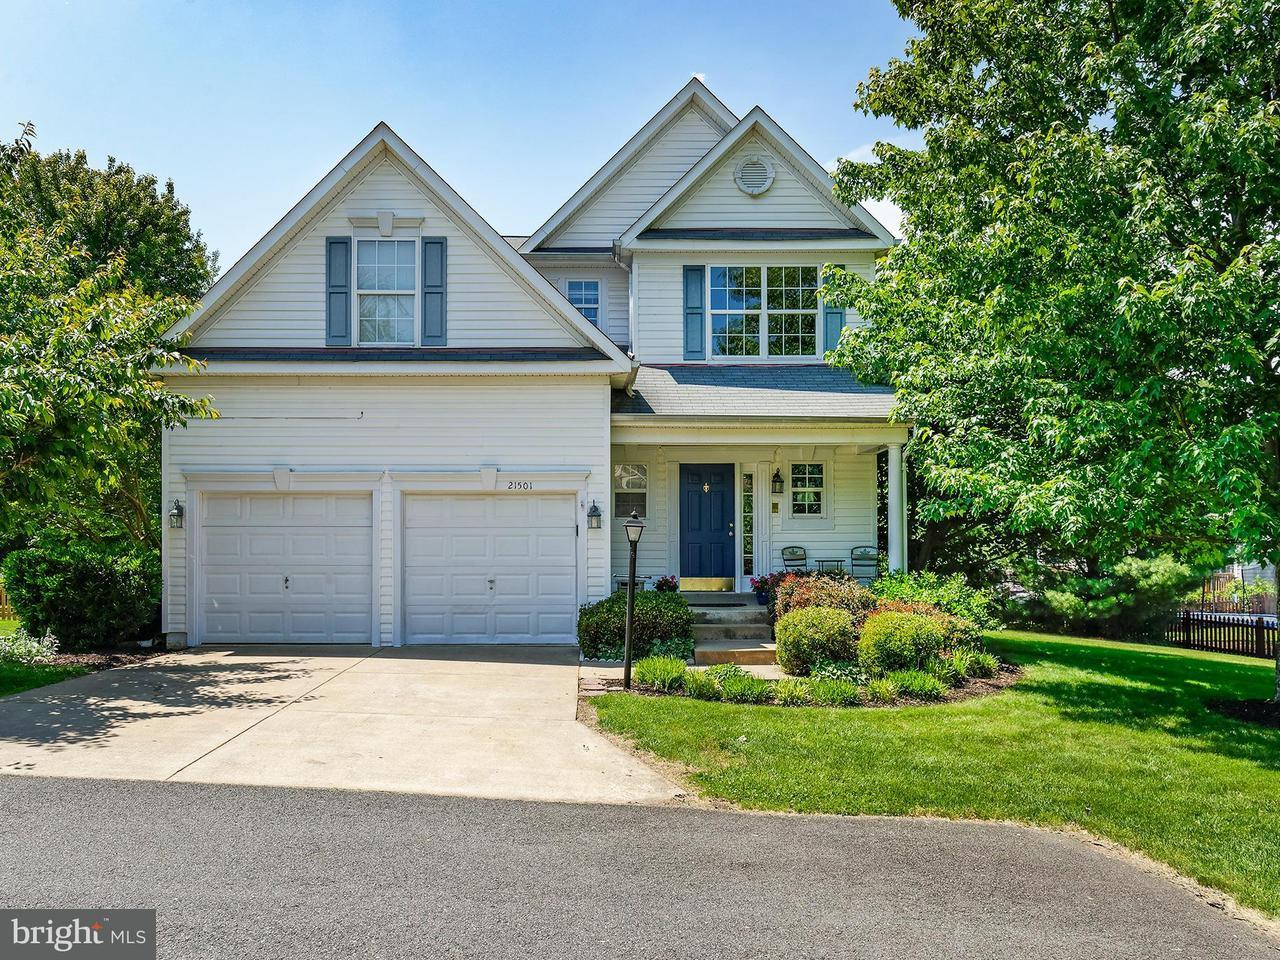 Casa Unifamiliar por un Venta en 21501 THORNHILL Place 21501 THORNHILL Place Broadlands, Virginia 20148 Estados Unidos